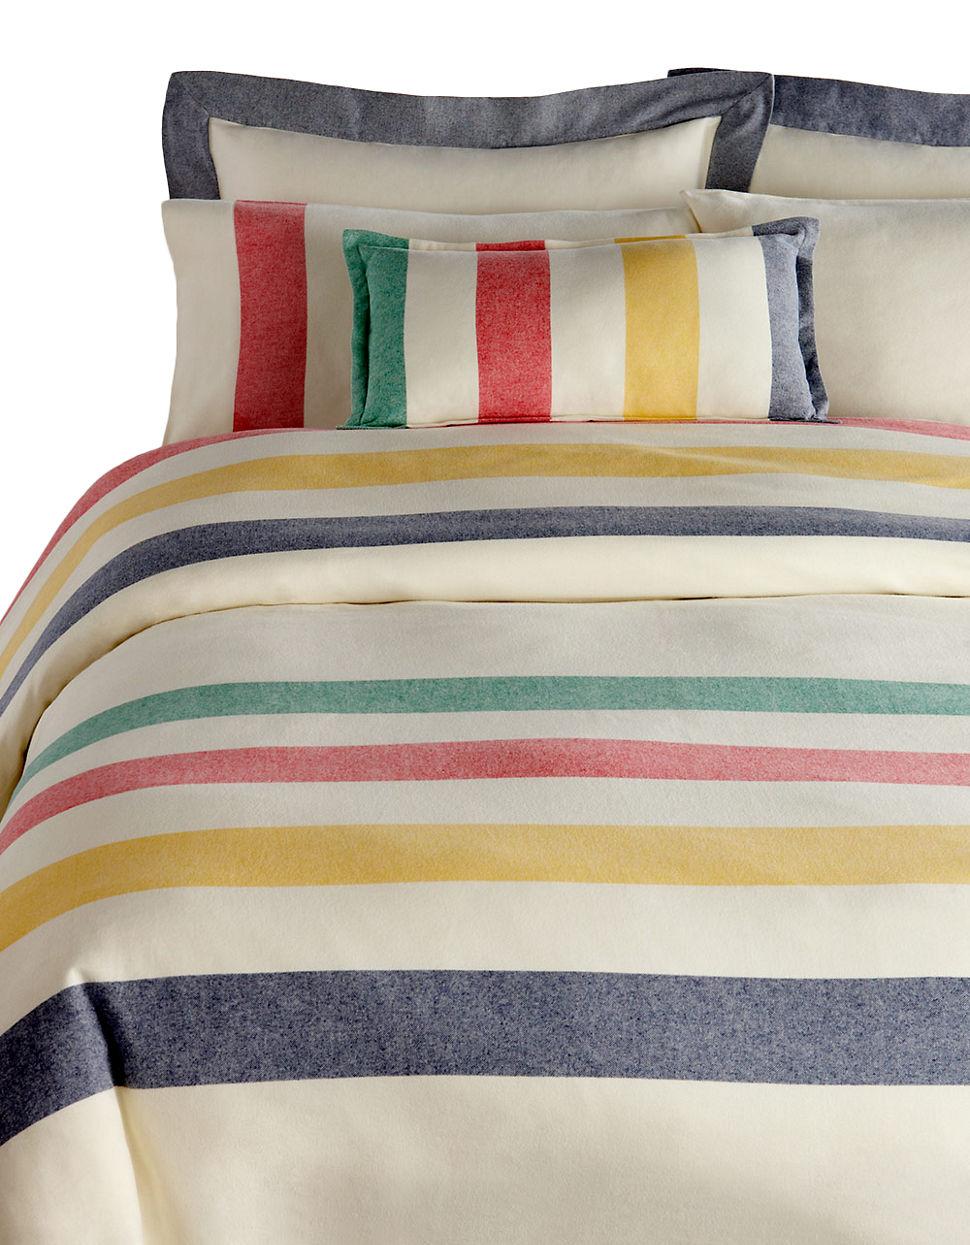 Flannel Bedding Duvet Cover